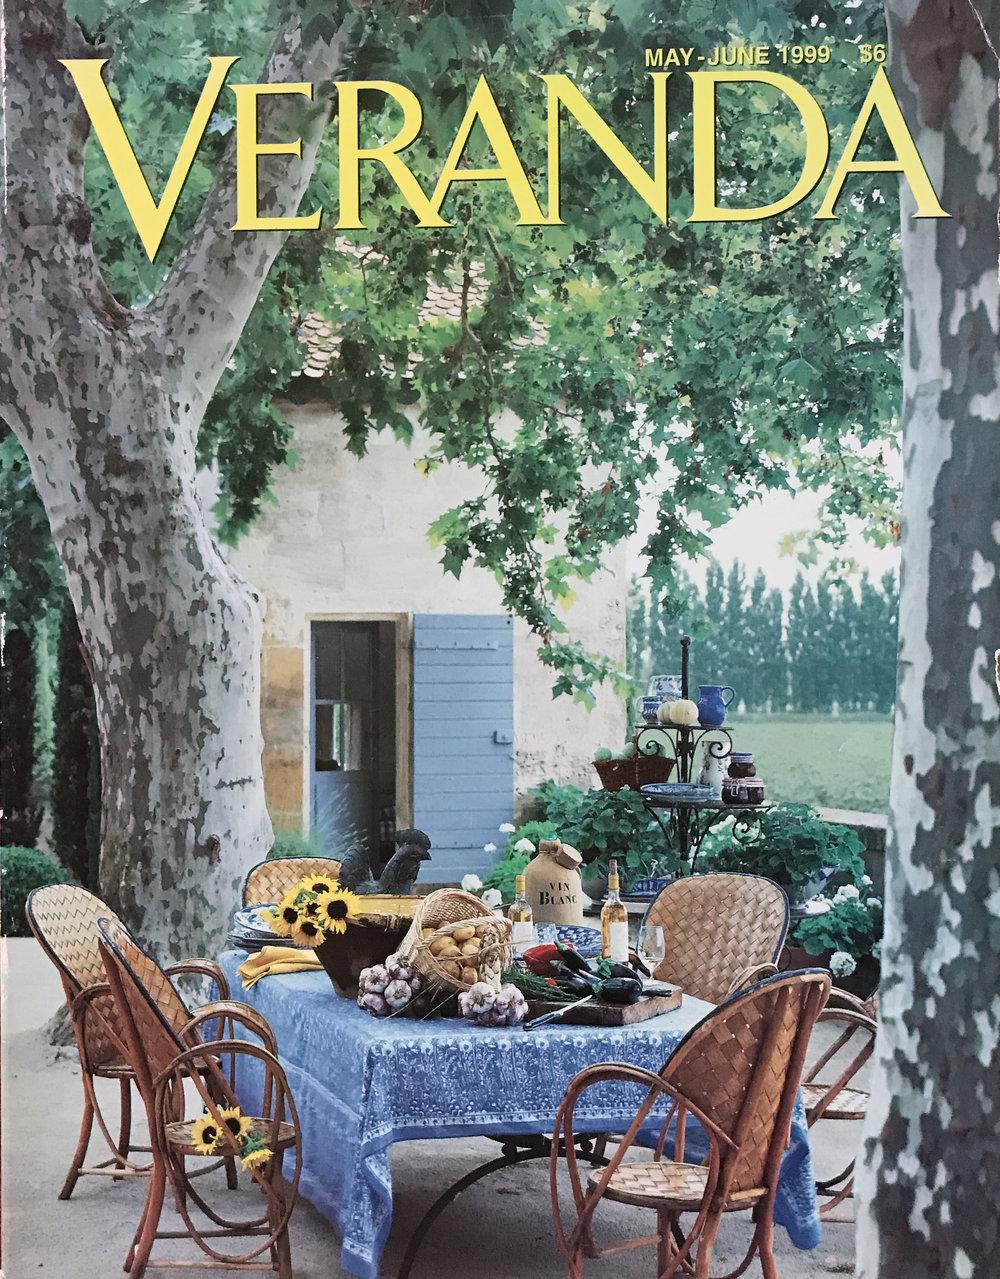 Ginny-Magher-Mas-de-Baraquet-Veranda-Cover-1999.jpg